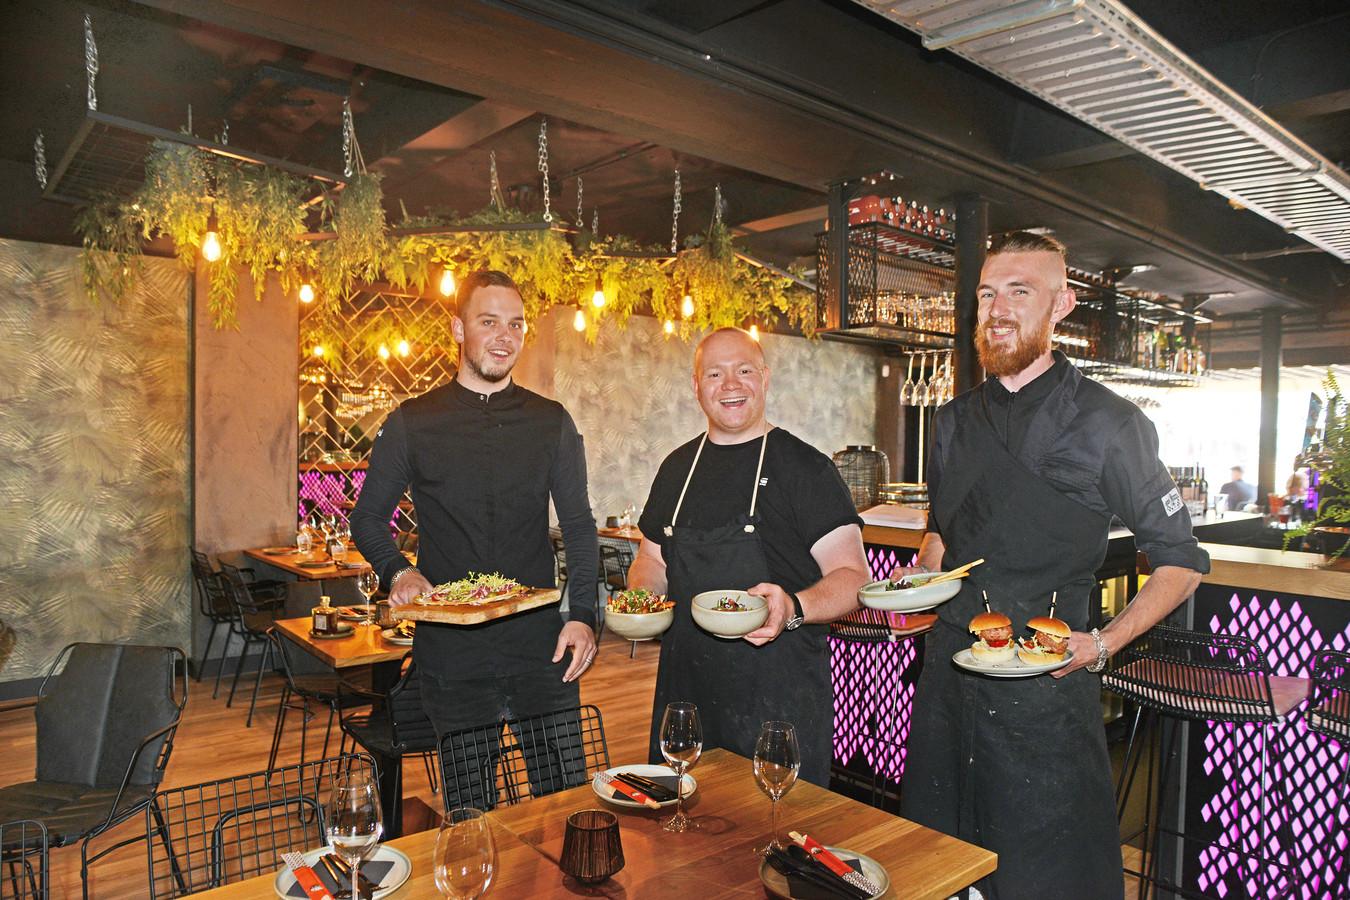 Het keukenteam van Pintx. Vlnr: Jeal van Broekhoven ( leerling-kok), Jimmy Verboom (eigenaar en chef-kok) en Surya Raad (souschef). Chef-kok Danny Poortvliet ontbreekt.